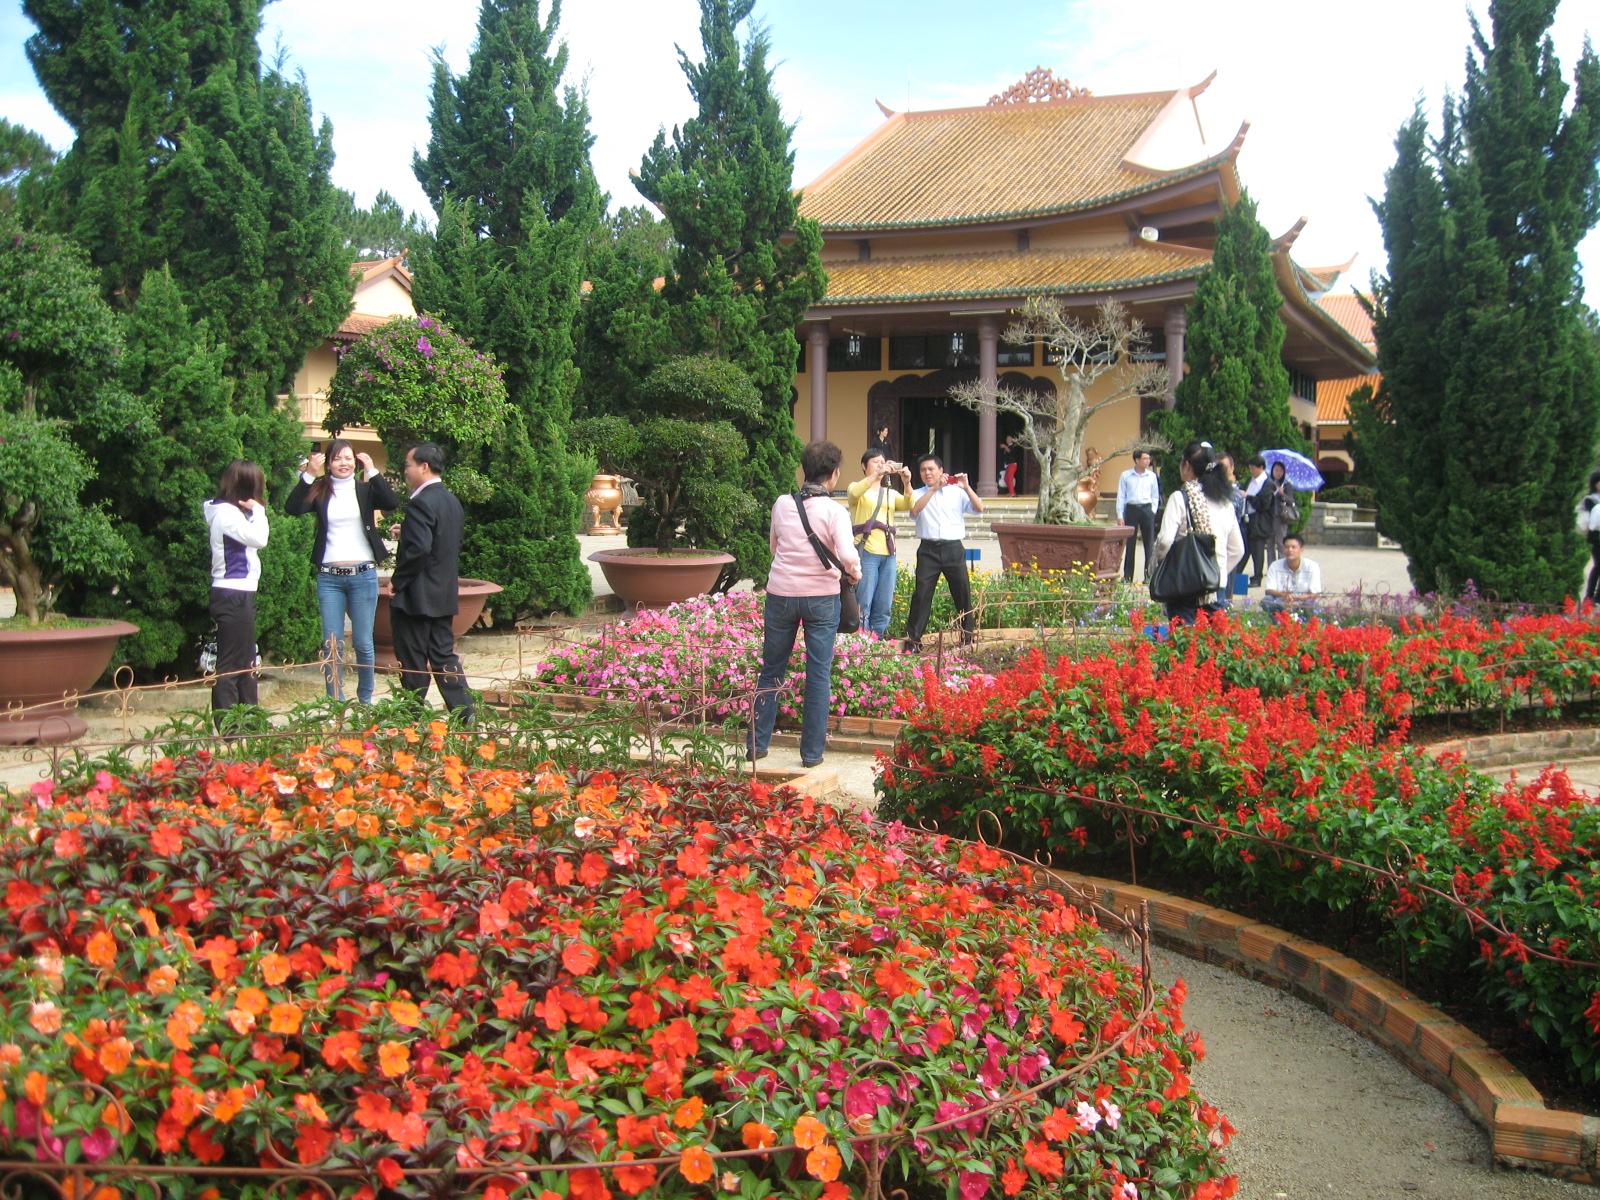 Khu vực vườn hoa với nhiều loài hoa lạ